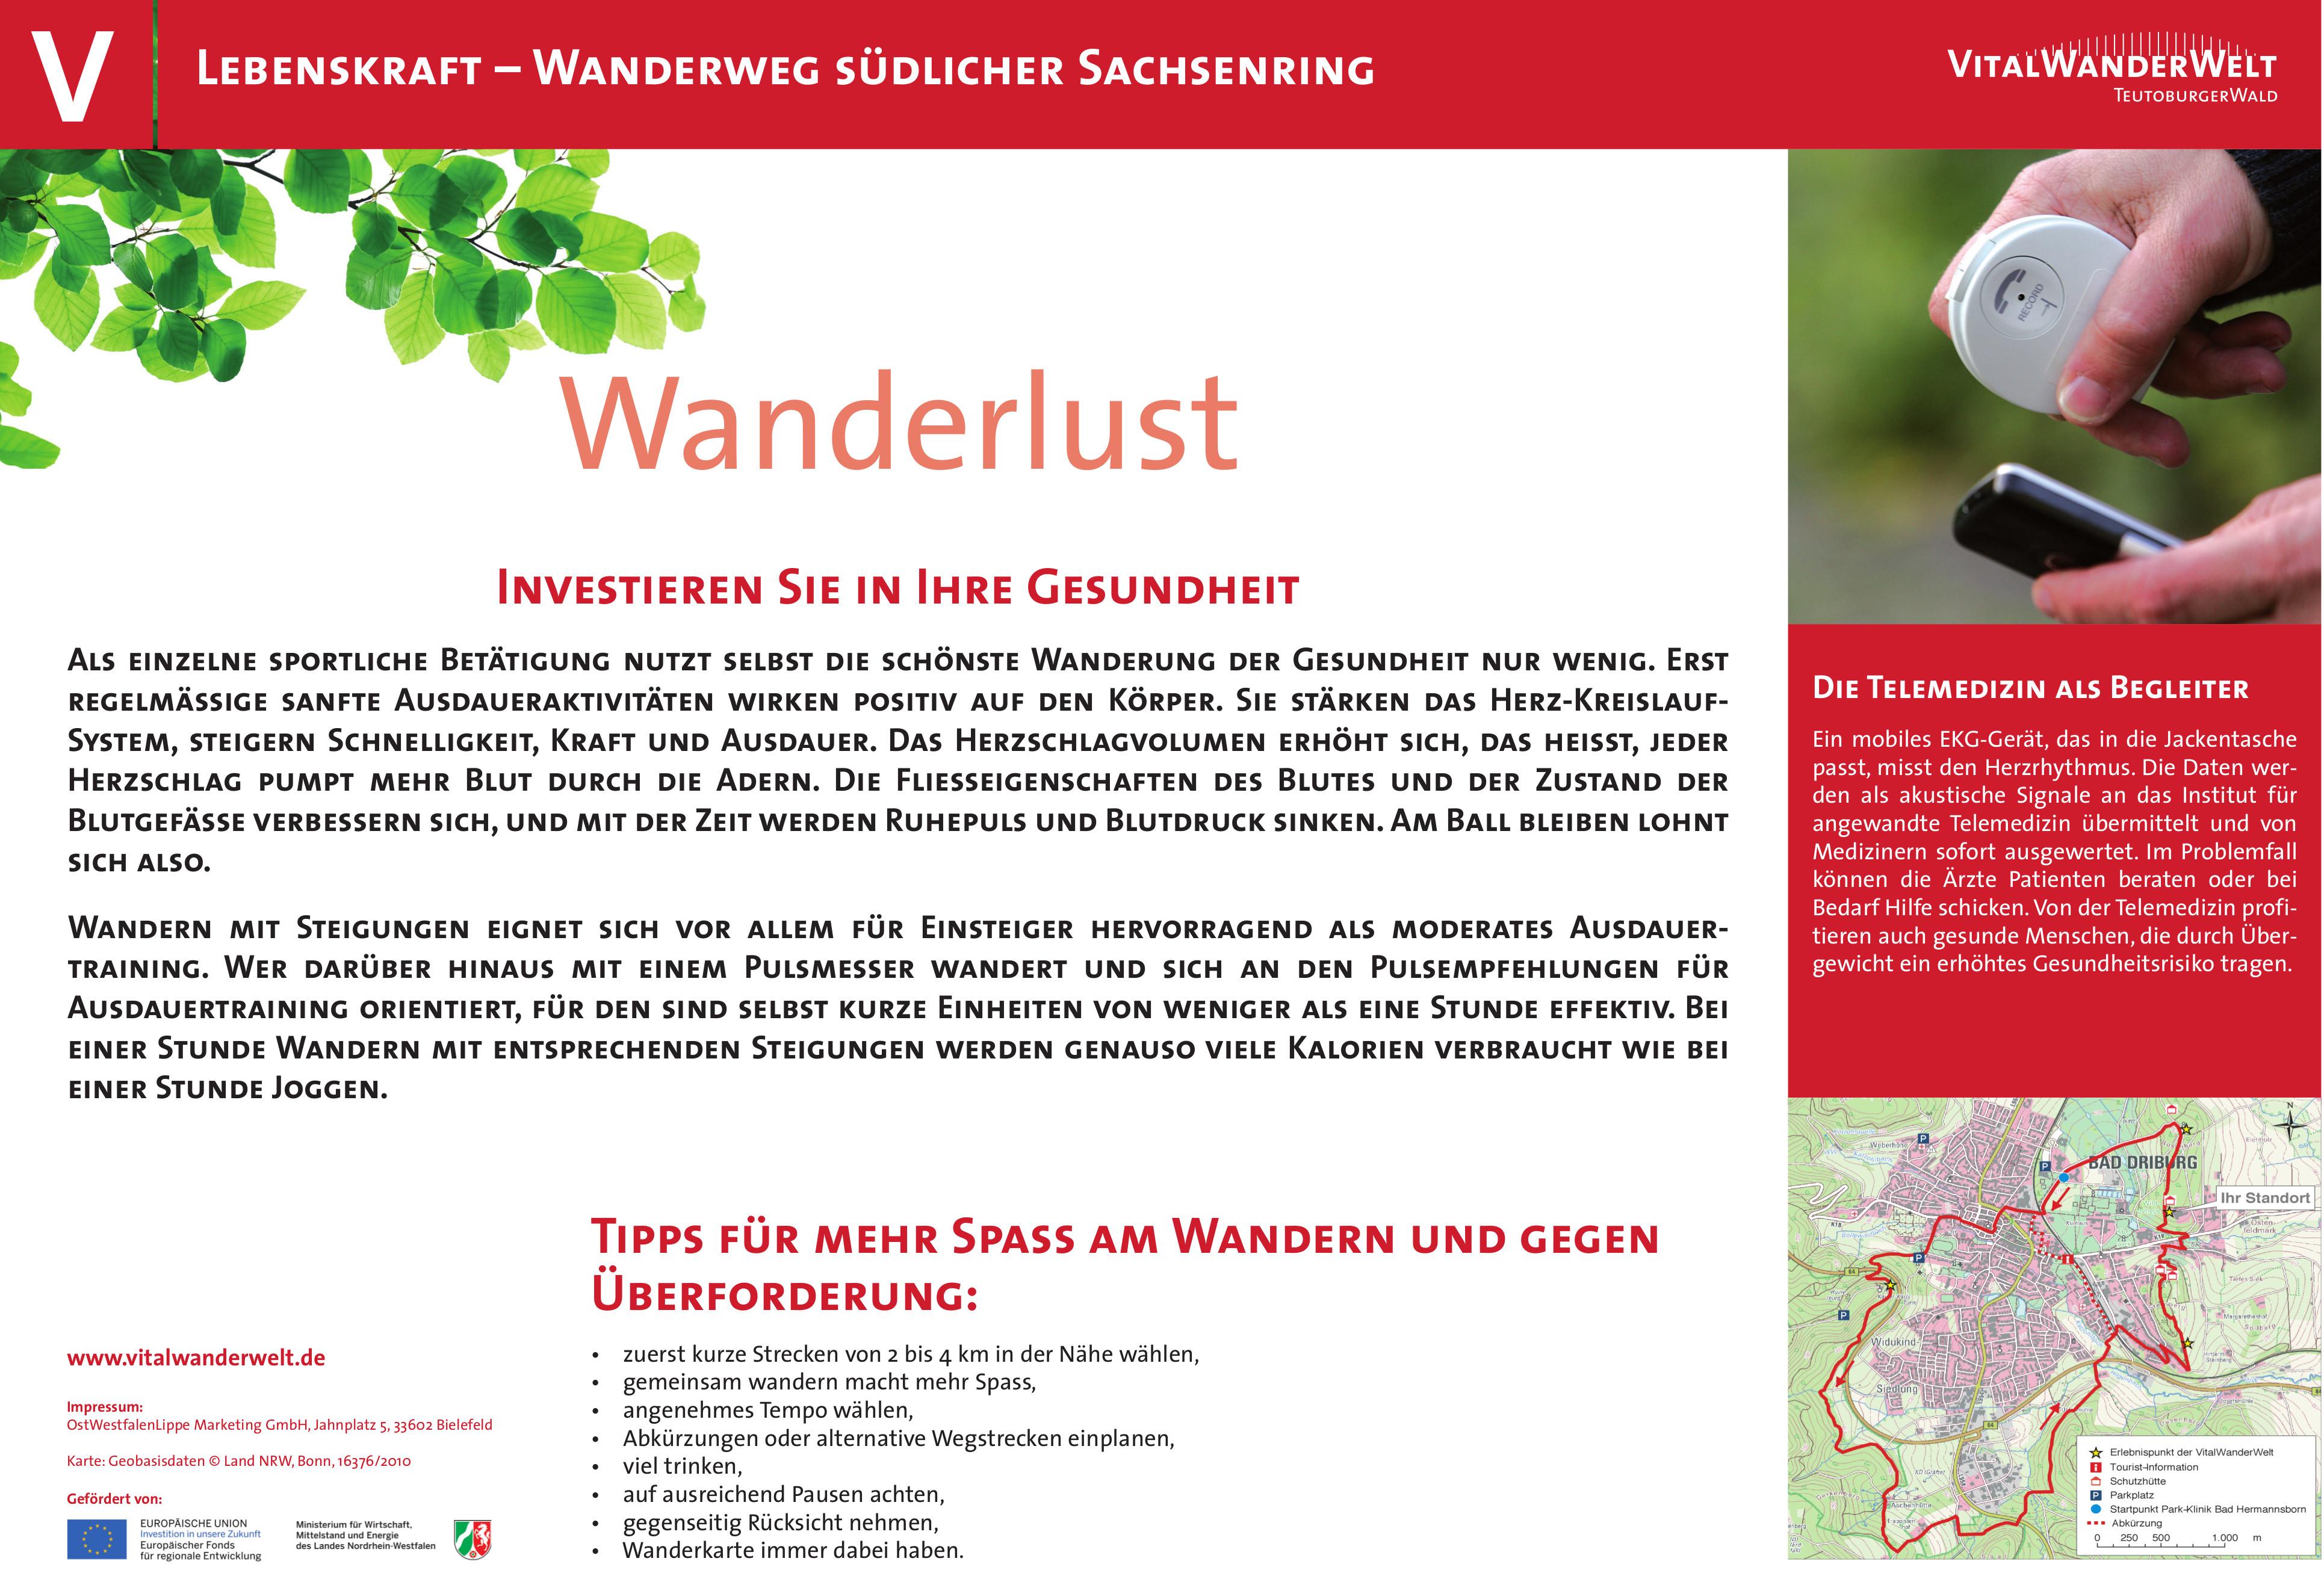 VitalWanderWelt Wanderweg südlicher Sachsenring - Wanderlust